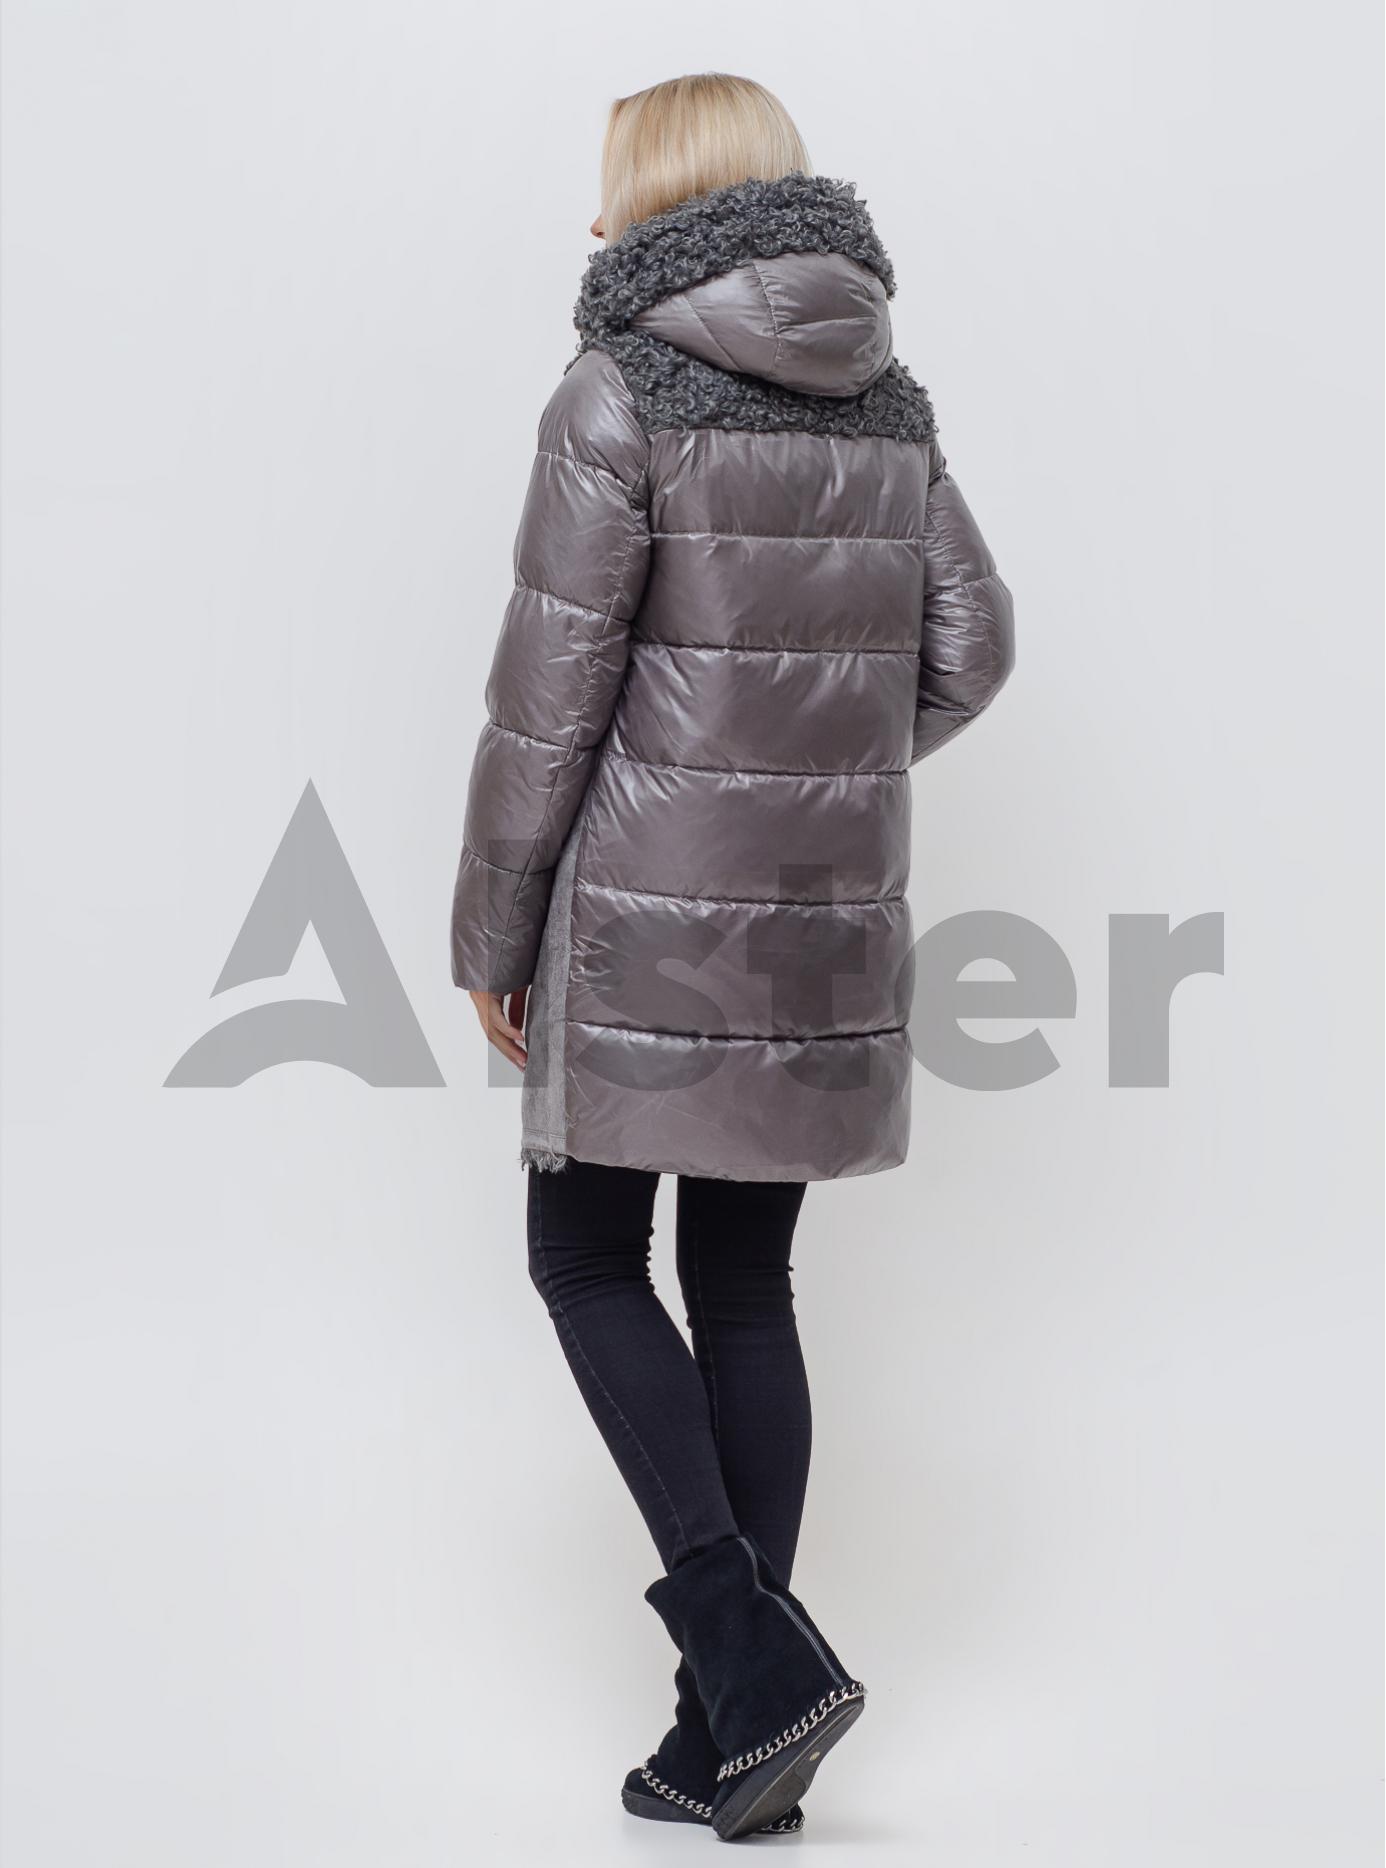 Зимняя женская куртка Серебро 38 (06-KL201035): фото - Alster.ua